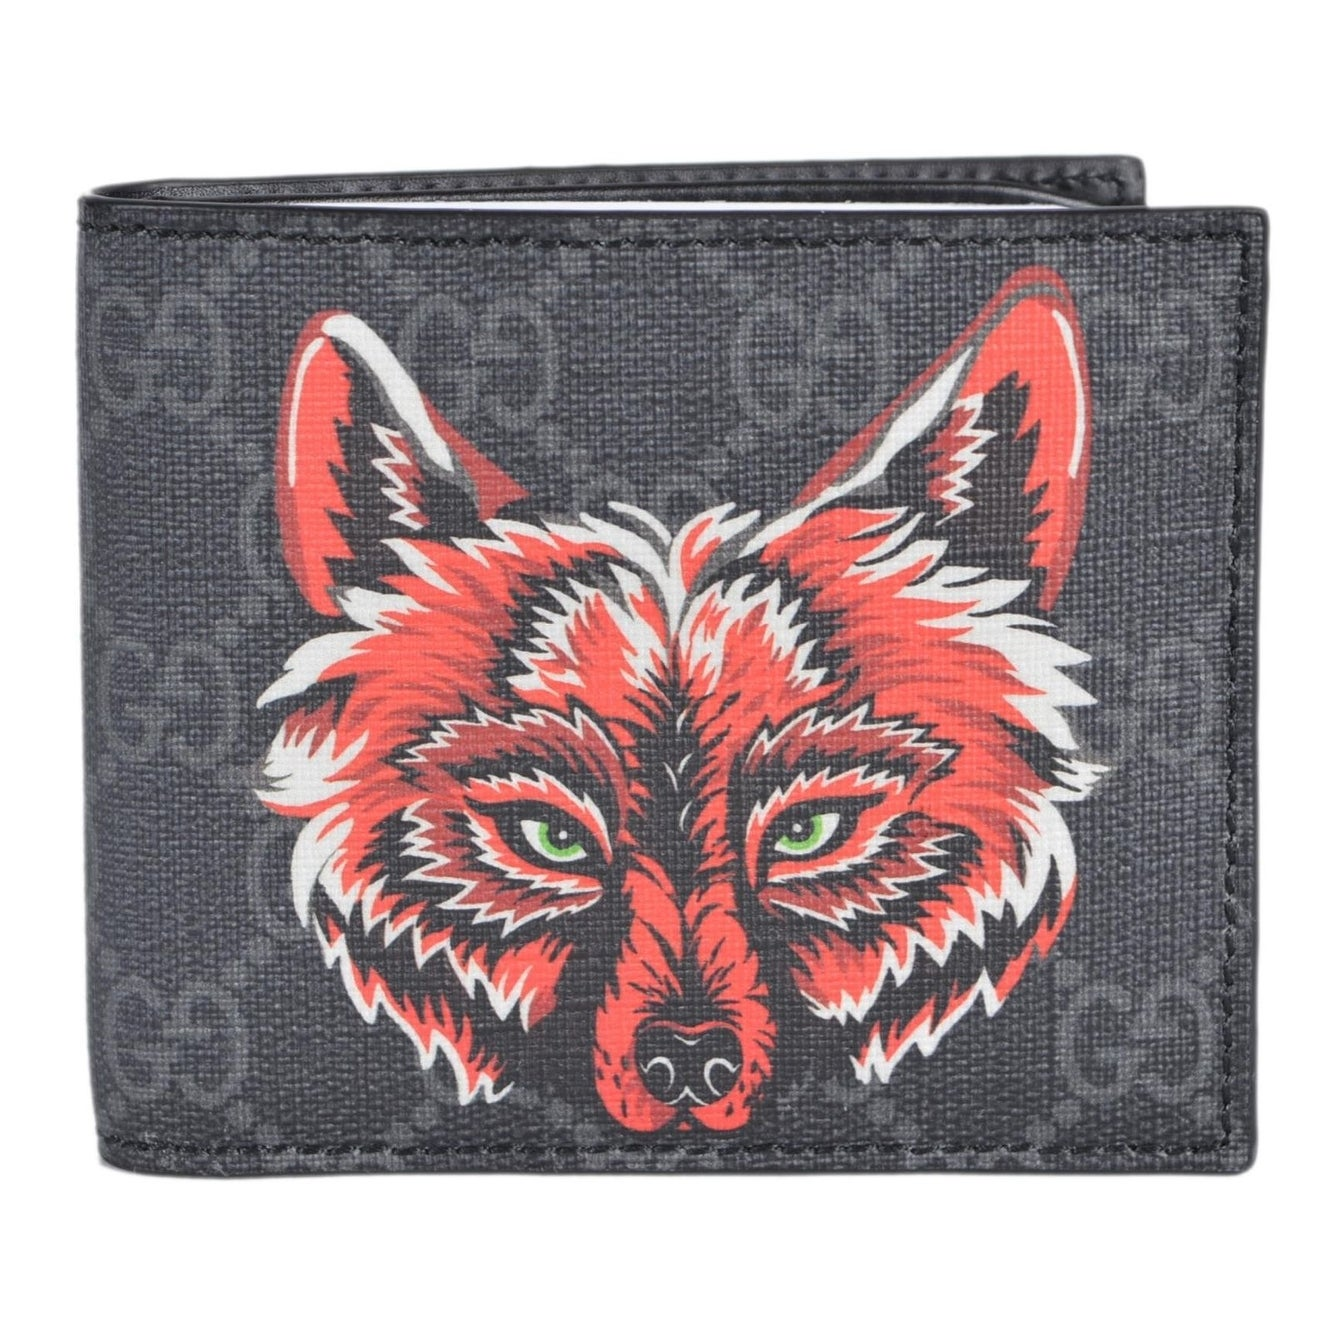 edf1c1a4902229 Shop Gucci Men's Black Grey GG Supreme Canvas Wolf Pattern Logo Bifold  Wallet - 4.25